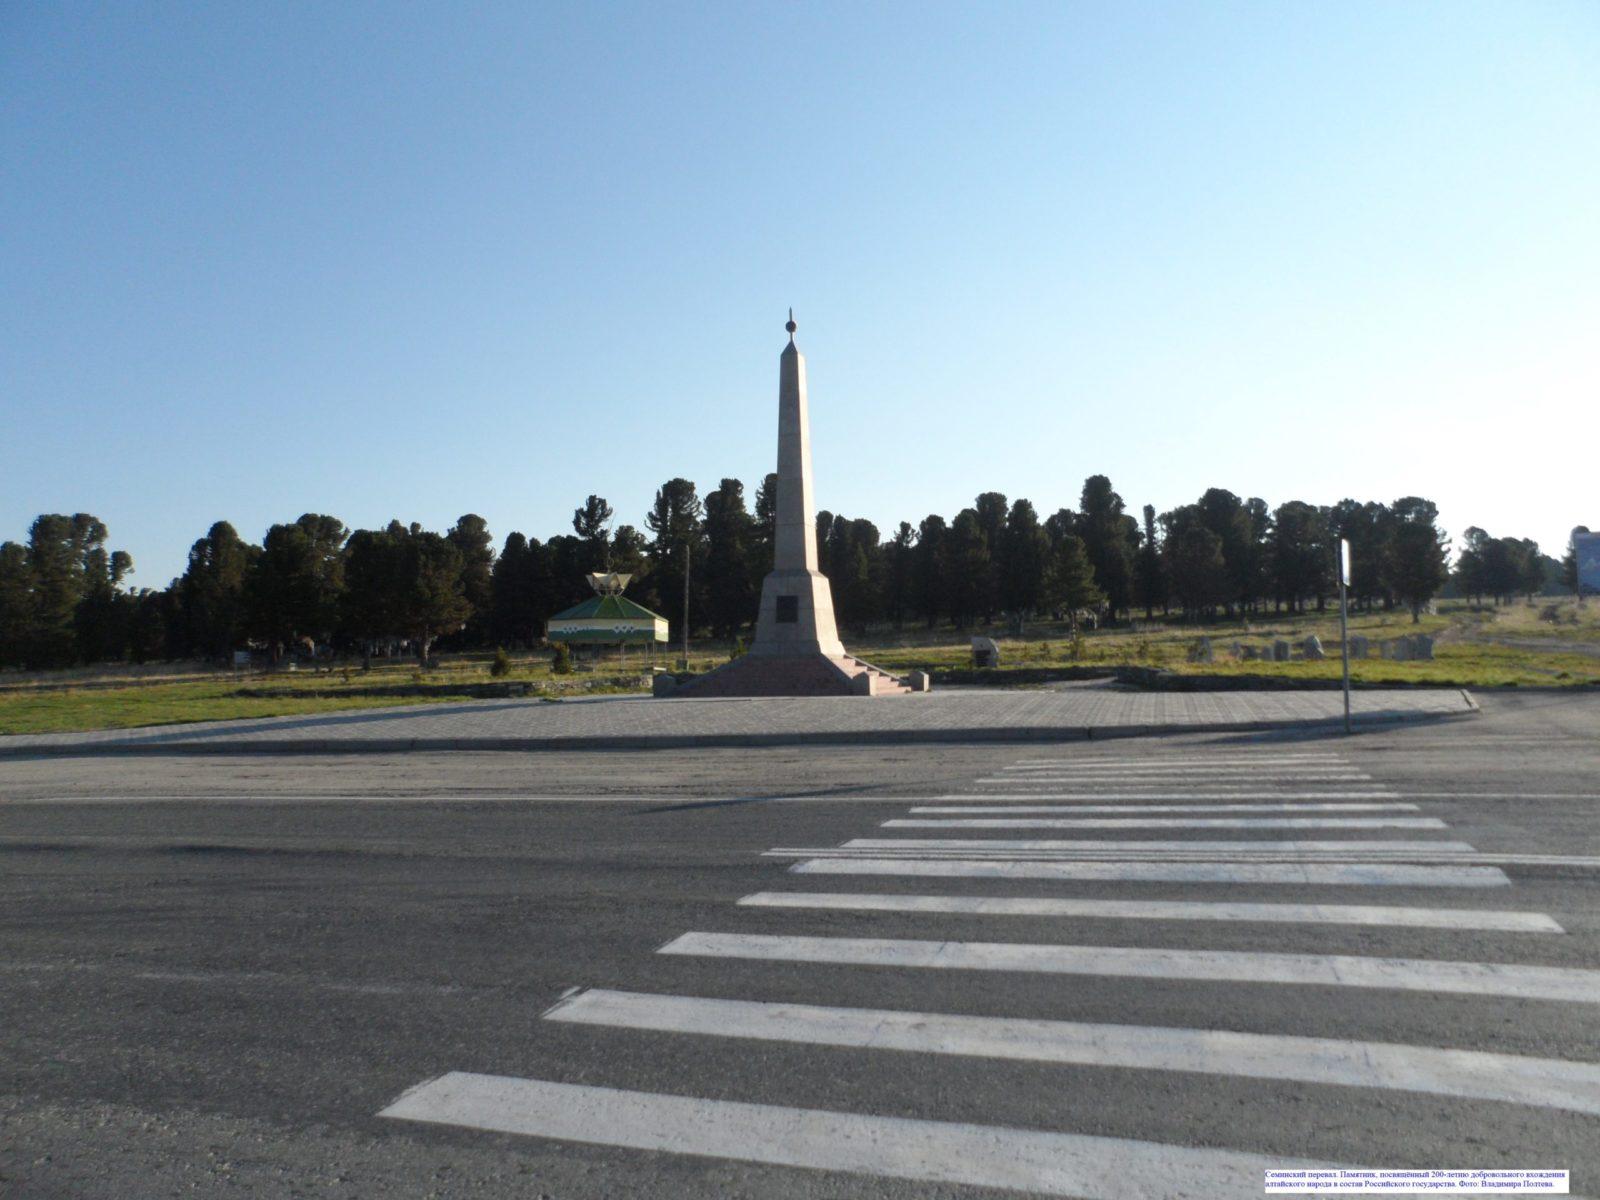 Семинский перевал. Памятник, посвящённый 200-летию добровольного вхождения алтайского народа в состав Российского государства.